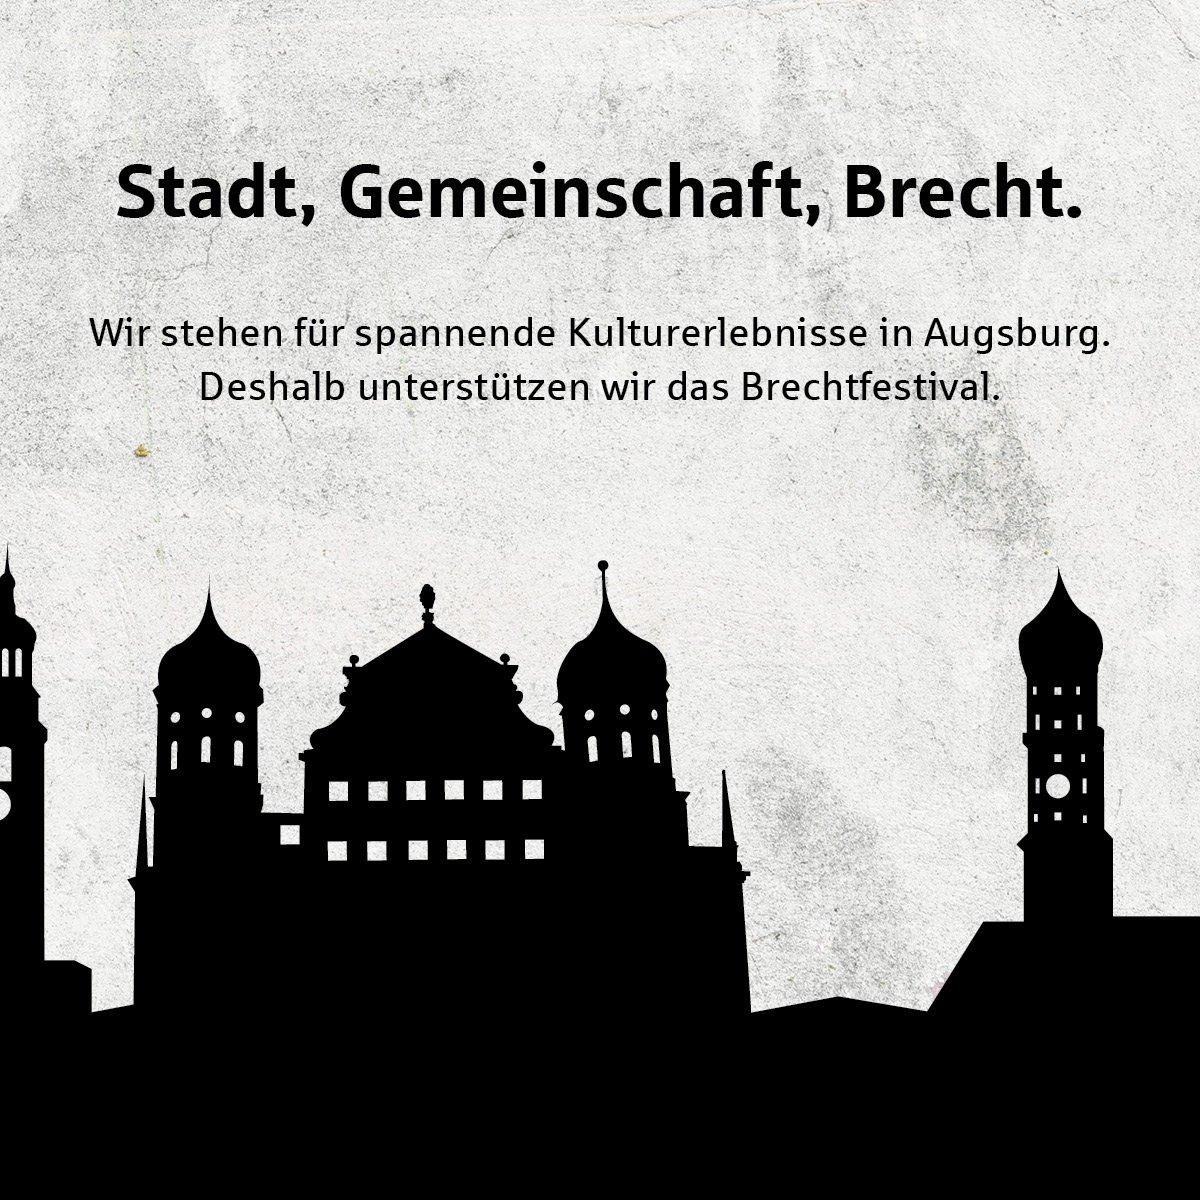 Das @BrechtfestivalA läuft aktuell auf Hochtouren – mit spannenden  Theaterproduktionen, interessanten  Literaturveranstaltungen und der  Langen Brechtnacht am 01.03. http://s.de/11mi #Brechtfestival #langeBrechtnacht #SSKA #StadtsparkasseAugsburg #Augsburgpic.twitter.com/x0gAjIxX80